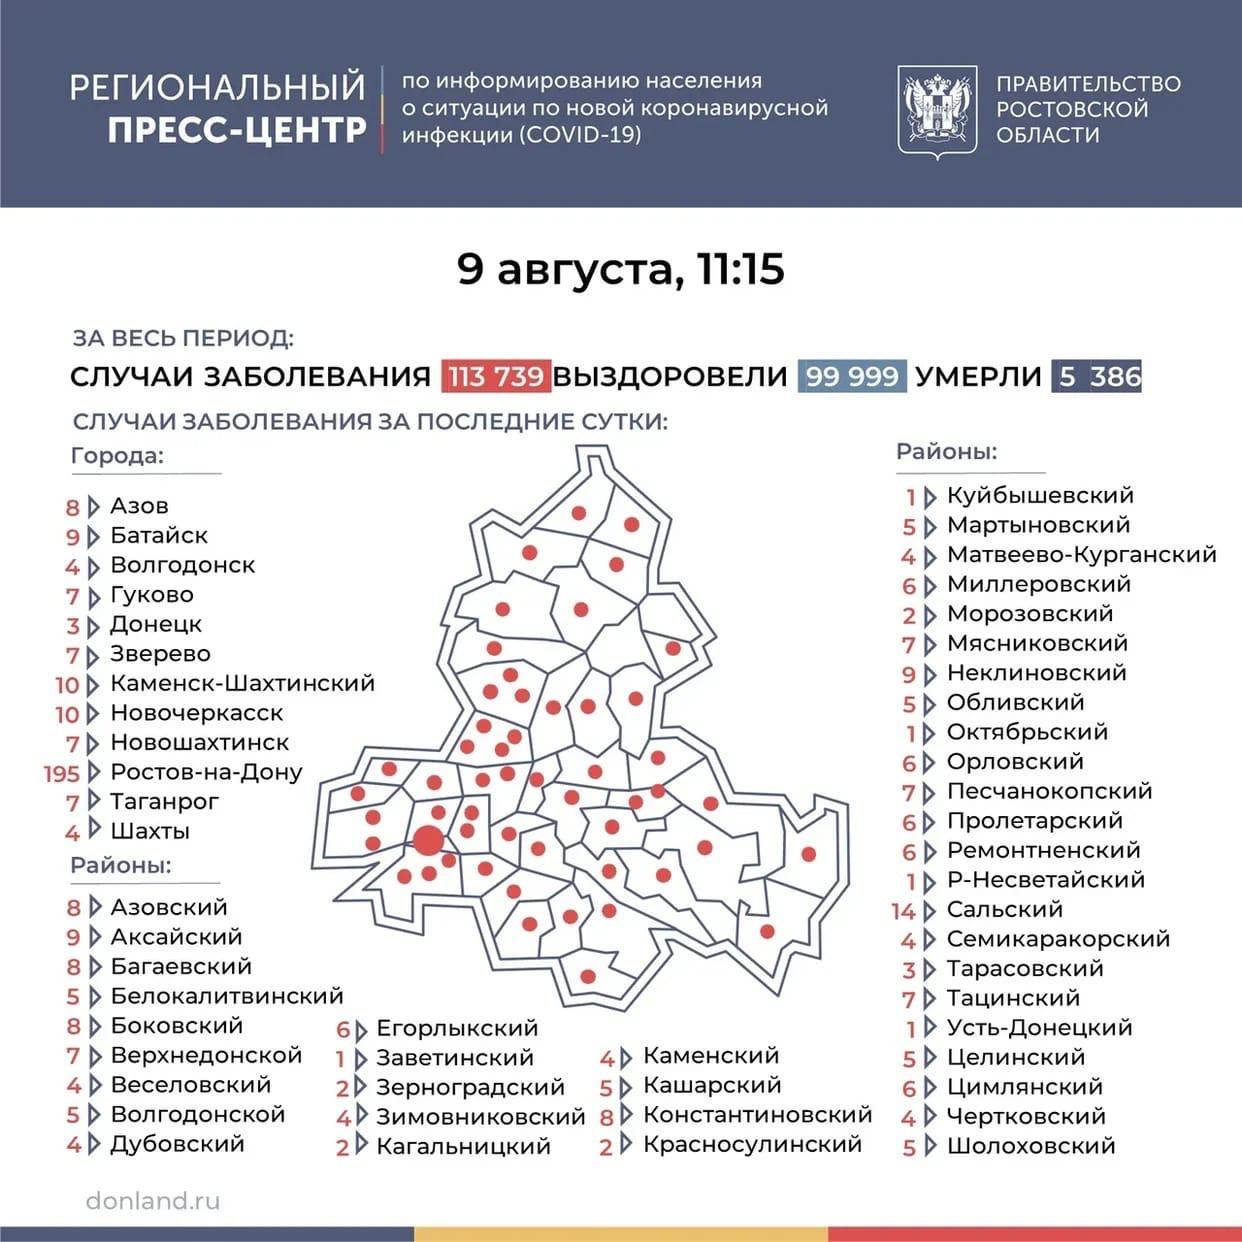 Третью неделю Таганрог держится в «зеленой» зоне по COVID-19